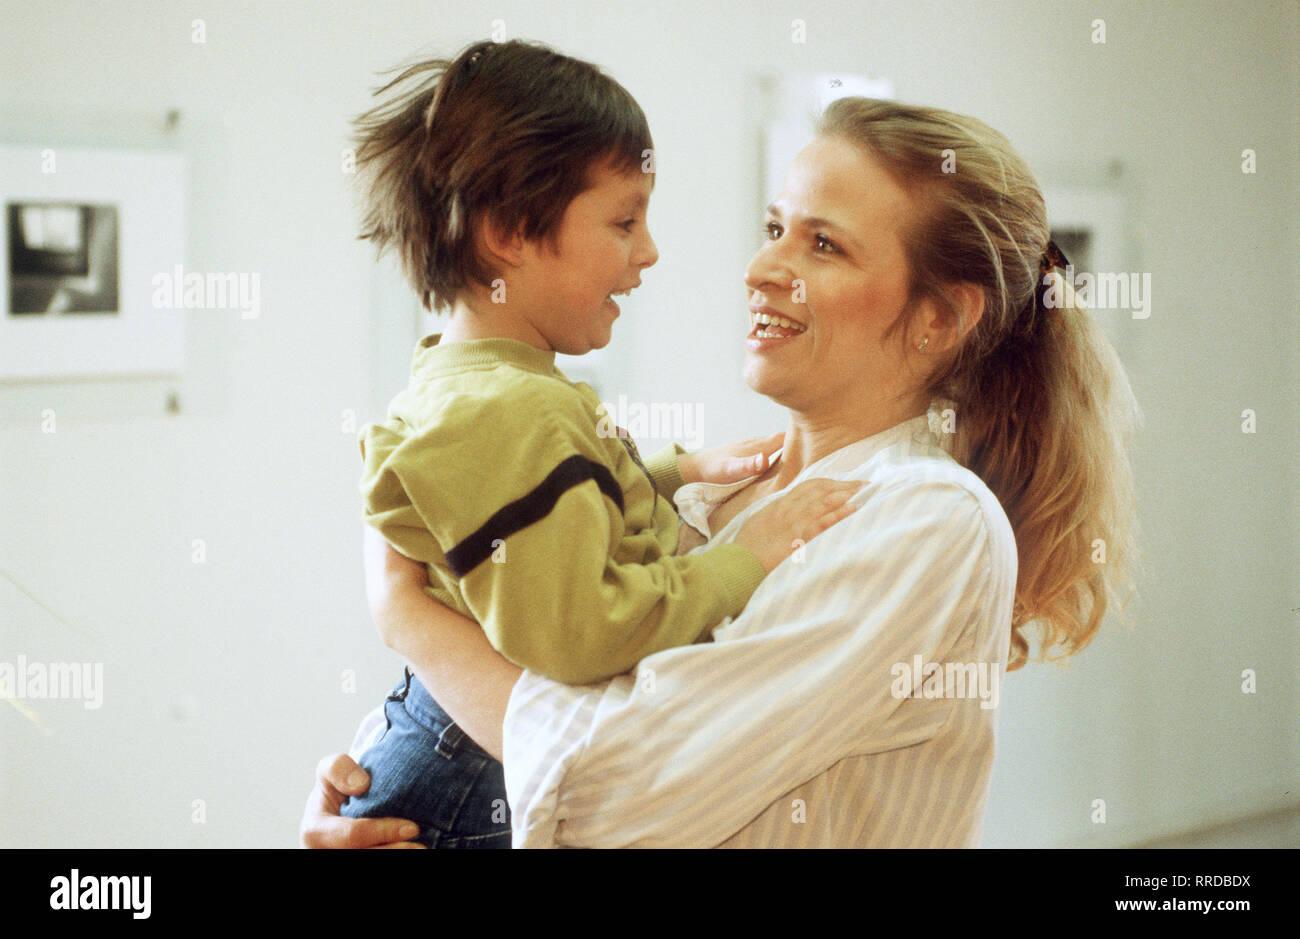 engel mit einem flügel -5 Elke und Hannes haben sich auseinandergelebt. Ihre Ehe zerbricht. Doch die Geschichte ihrer Ehekrise ist keine alltägliche, denn beide Kinder sind adoptiert. Das jüngste, der gerade dreijährige Rico, ist krank, geistig und Körperlich behindert. Foto: Elke (ARIANNE BORBACH) kümmert sich um ihren behinderten Sohn Rico (RICARDO VORHOLZ). Regie: Dagmar Wittmers / Überschrift: ENGEL MIT EINEM FLÜGEL / BRD 1990 Stock Photo